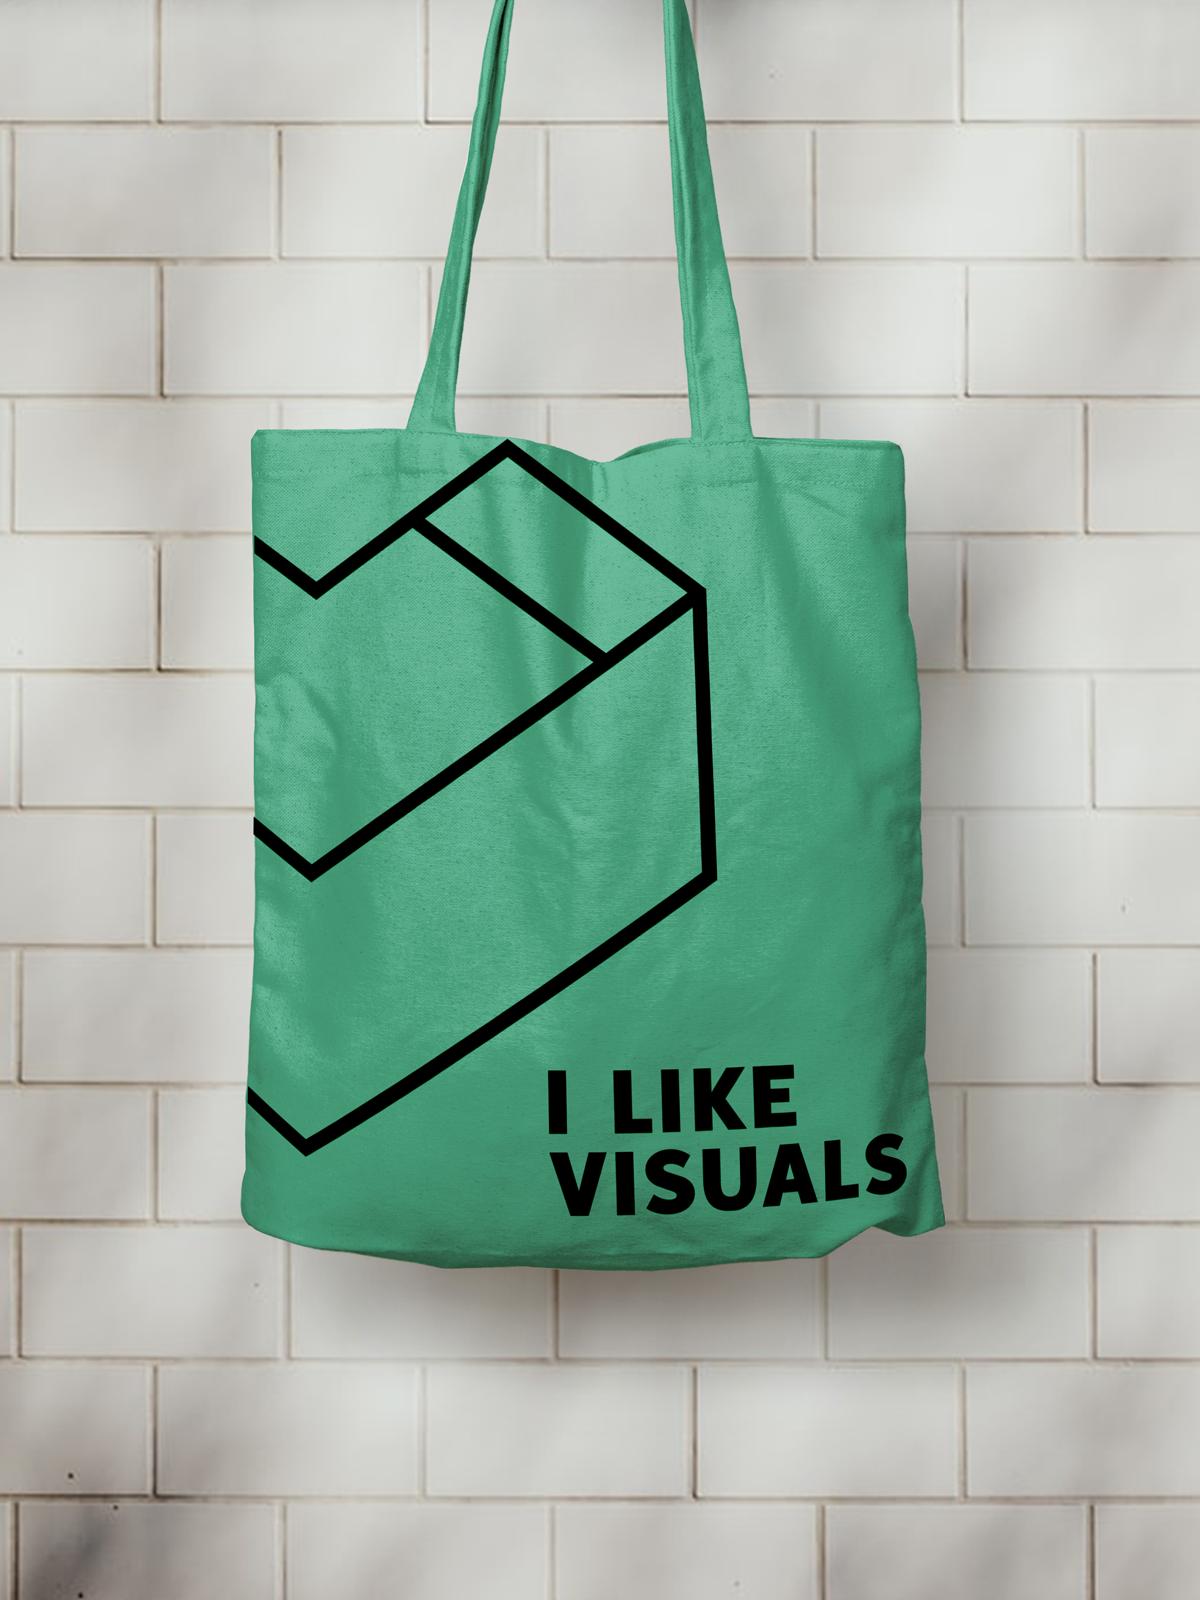 I Like Visuals grüner Beutel mit schwarzem linearen Logo Druck vor weißer Backsteinwand